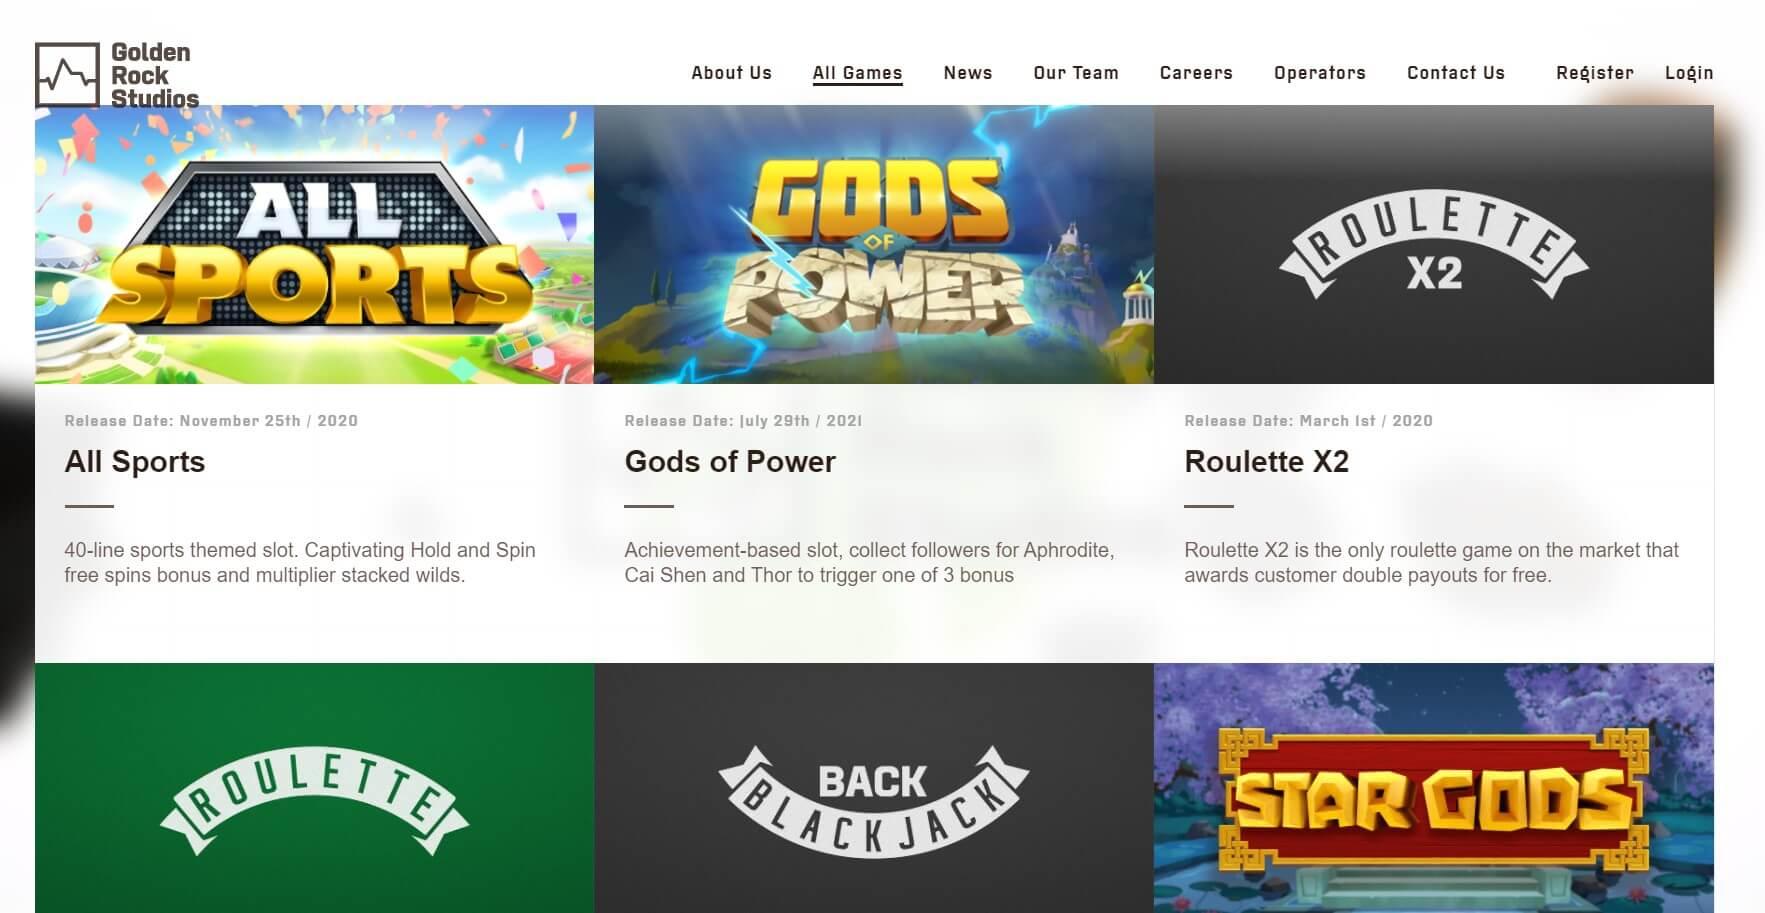 golden rock studios games